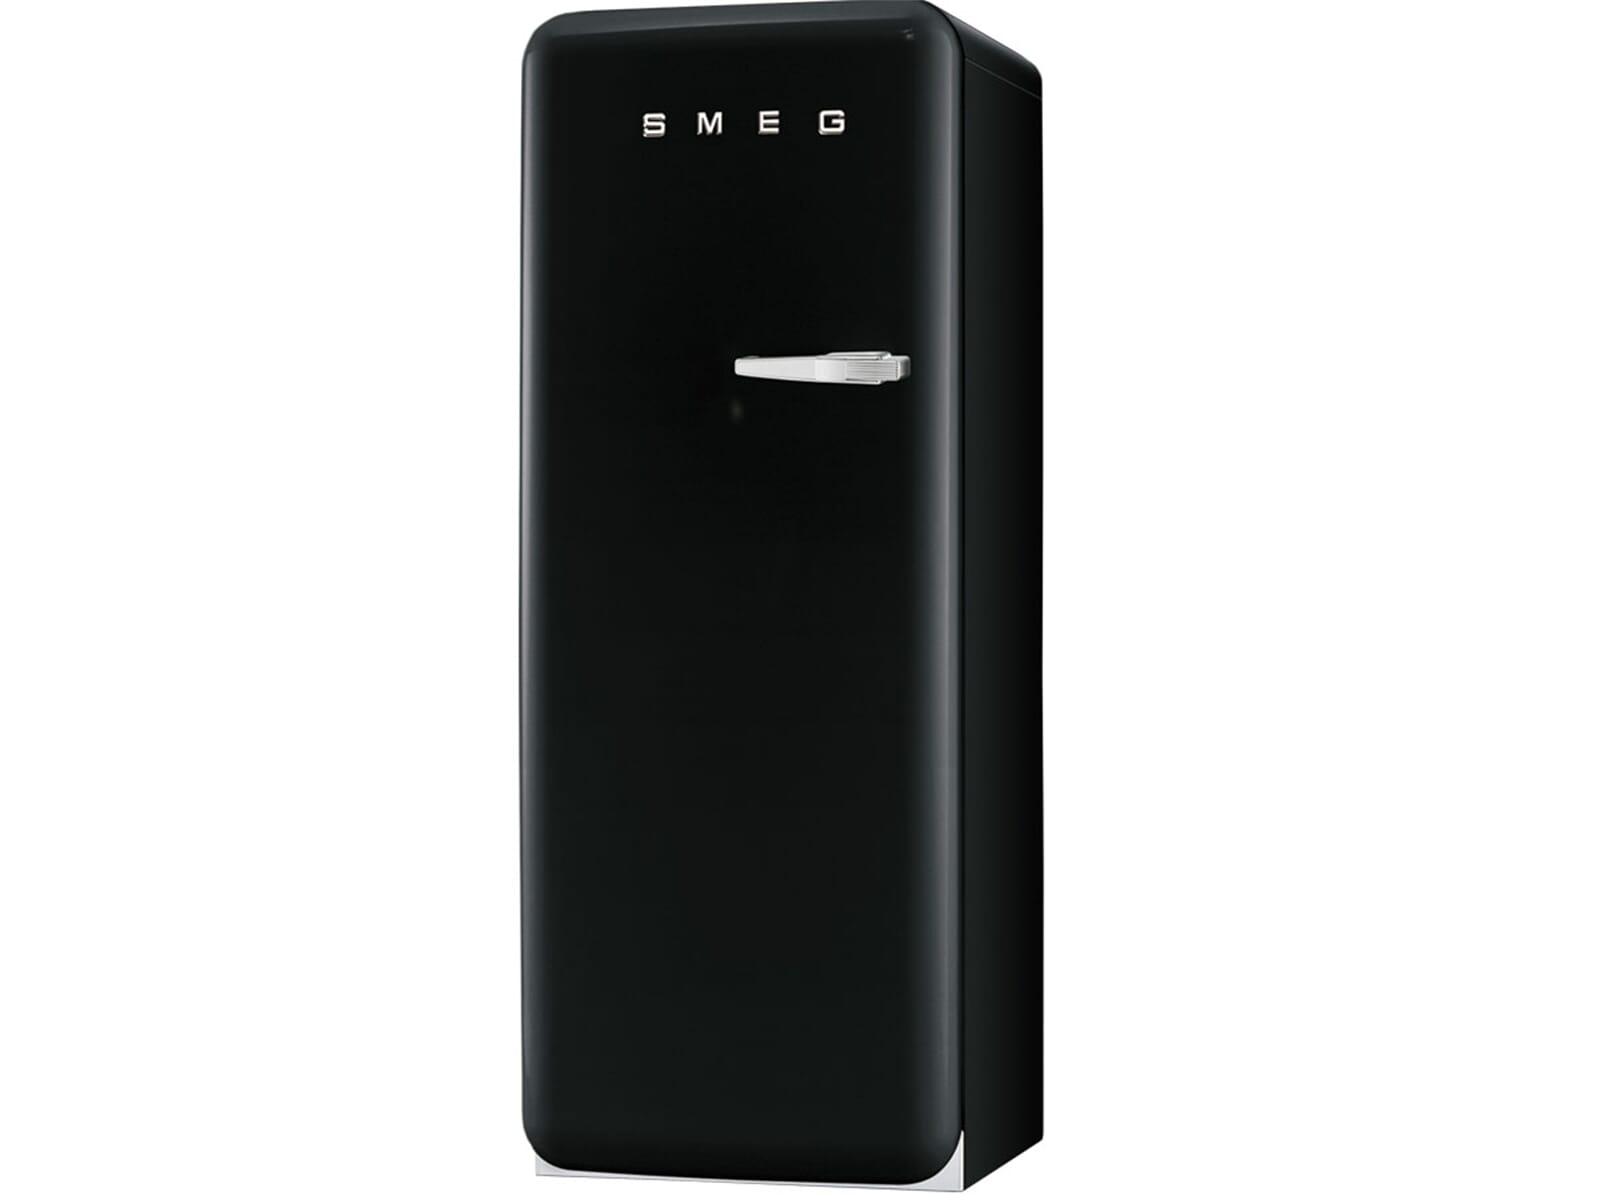 Smeg Kühlschrank 50 Cm Breit : Smeg fab lne standkühlschrank schwarz